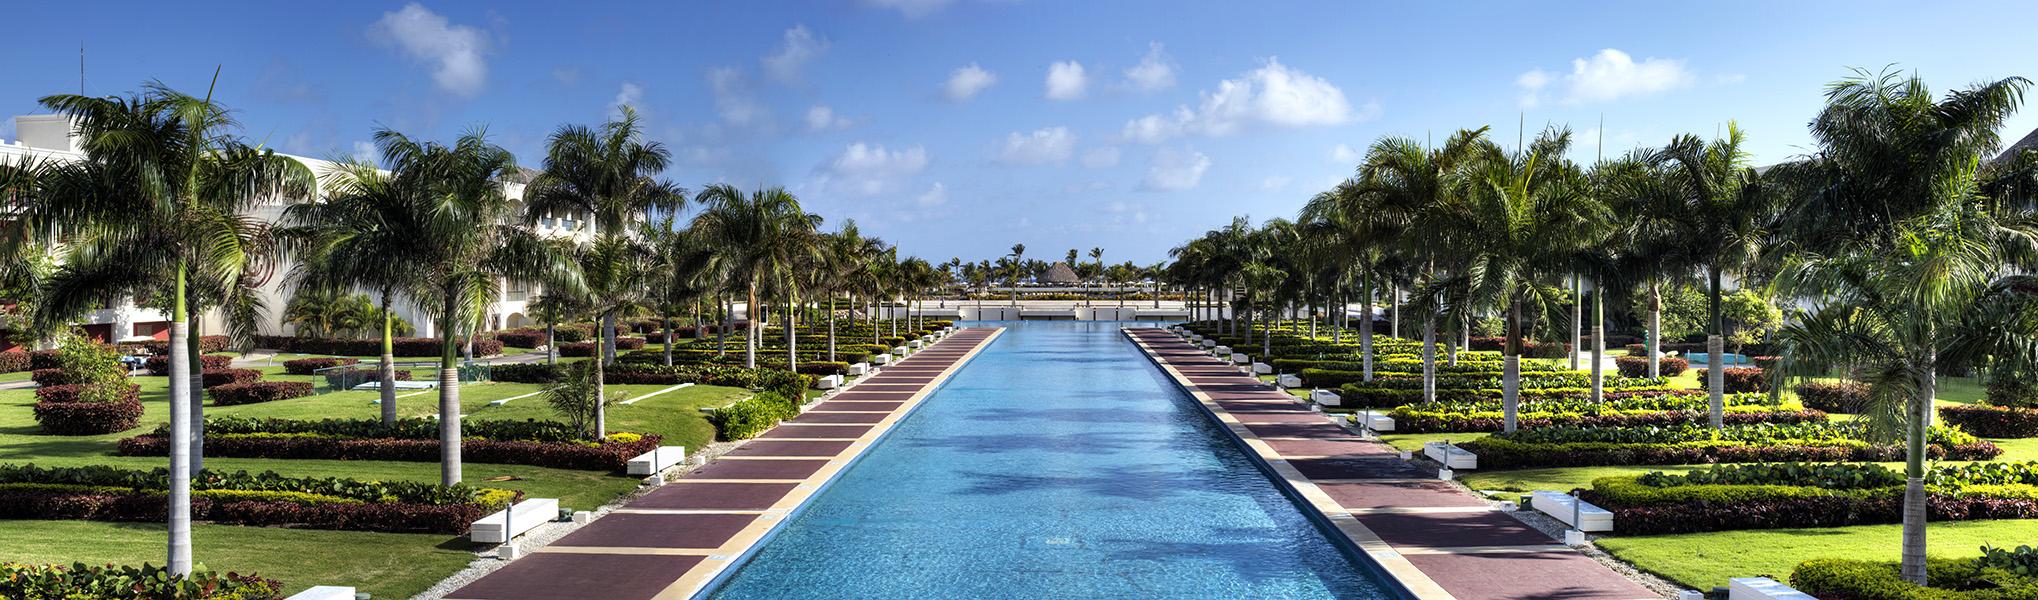 Hard Rock Resort Grounds - Punta Cana, DR